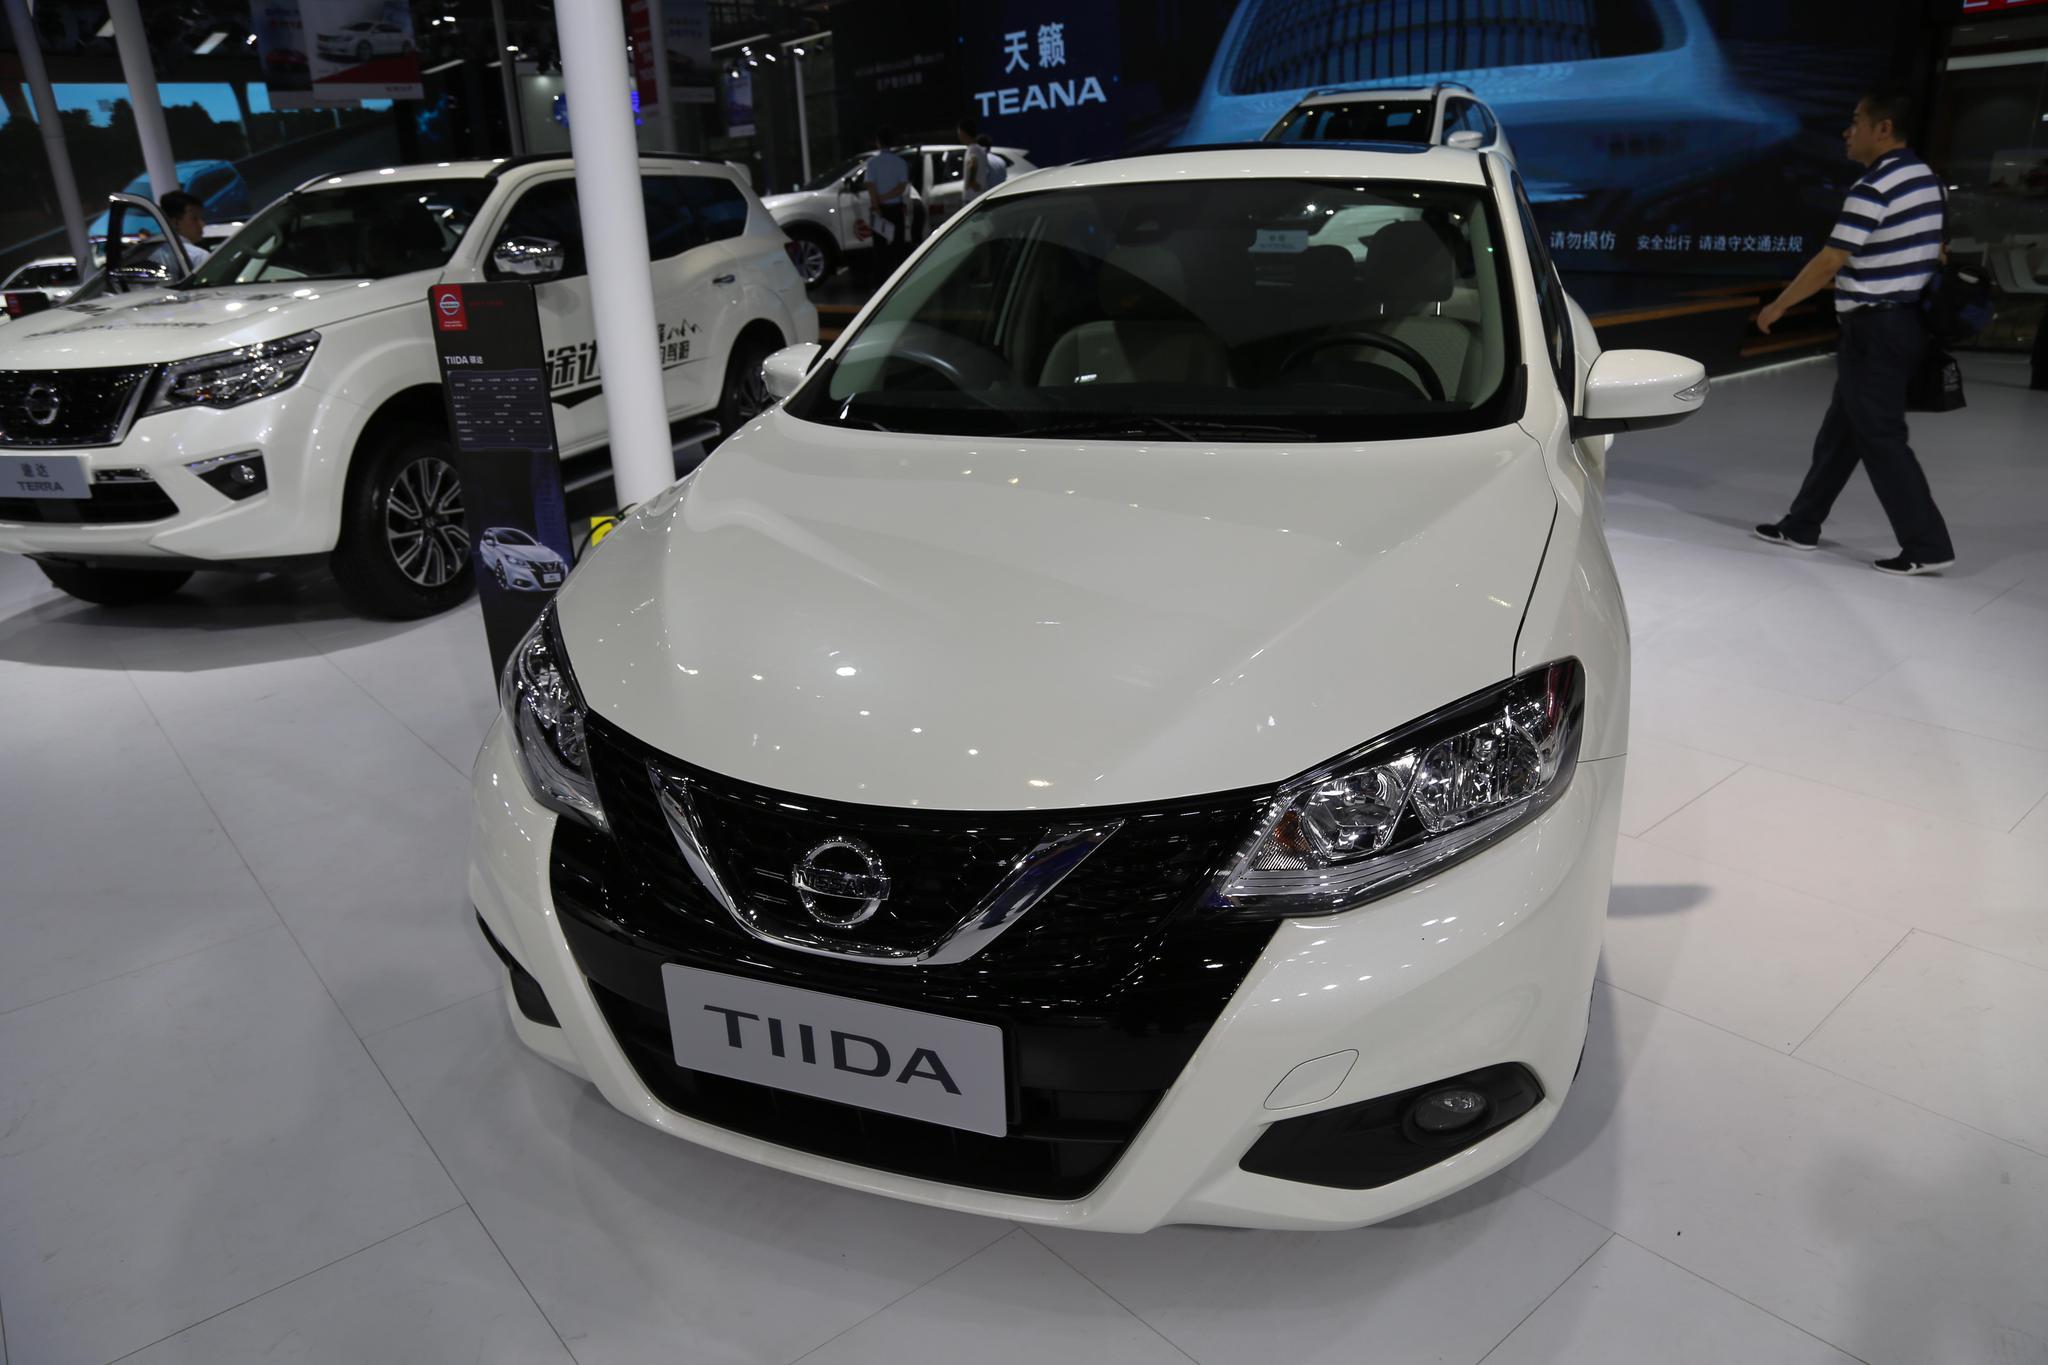 实拍东风日产TIIDA骐达,两厢车标杆,秀出青春活力!